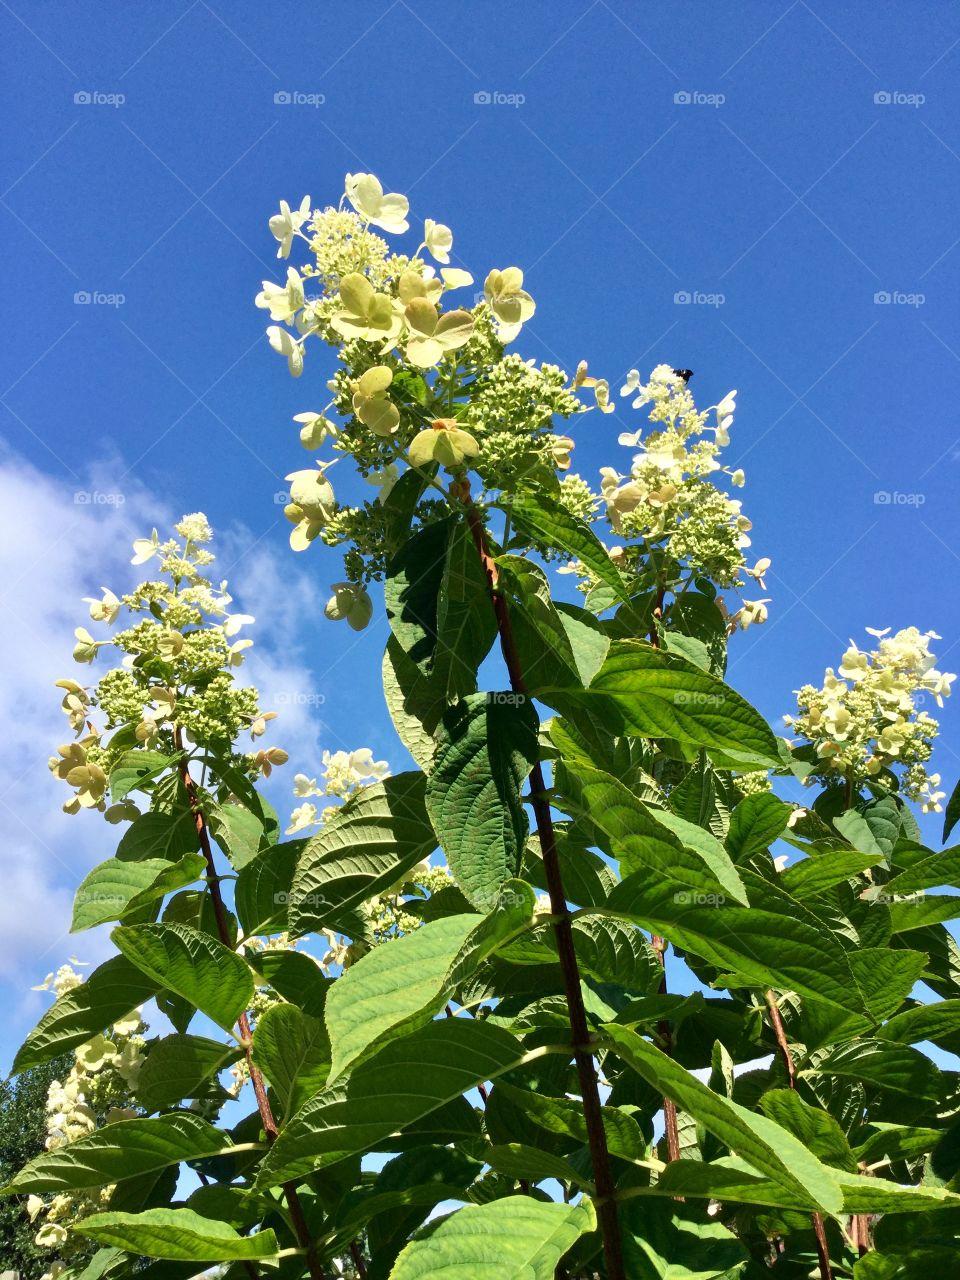 Blue sky and flowers summer garden